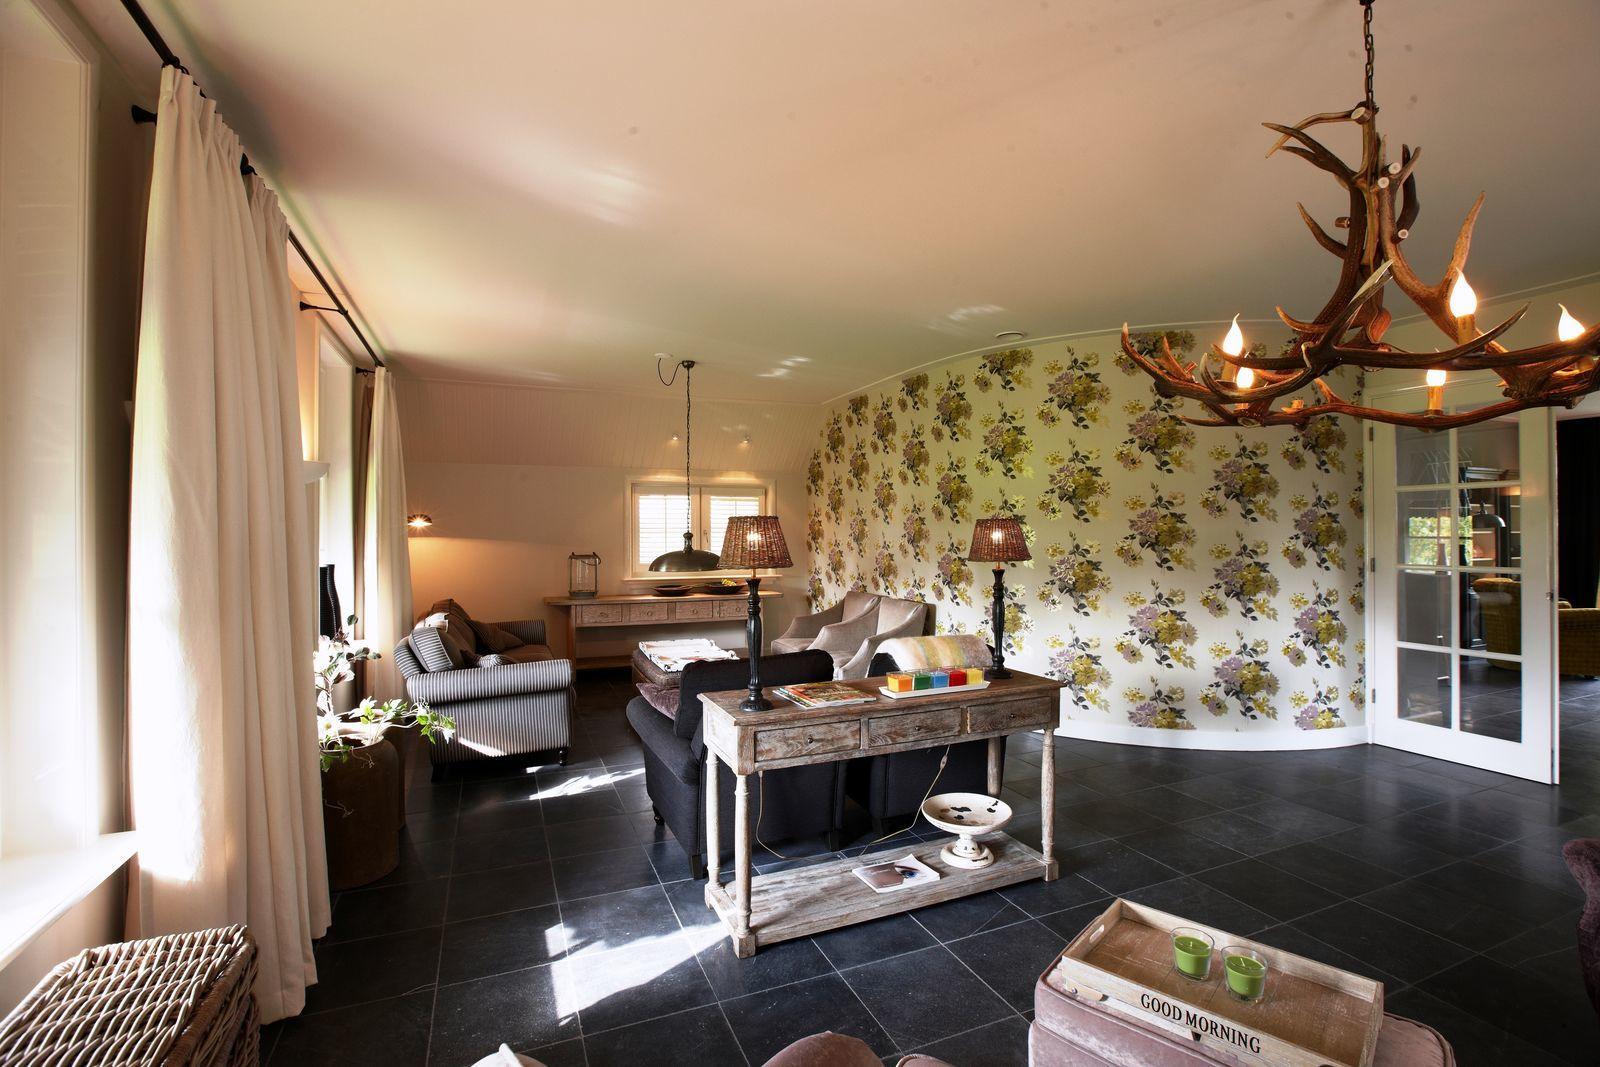 Boerderij Dekker luxe vakantiehuis bij Hellendoorn, Overijssel